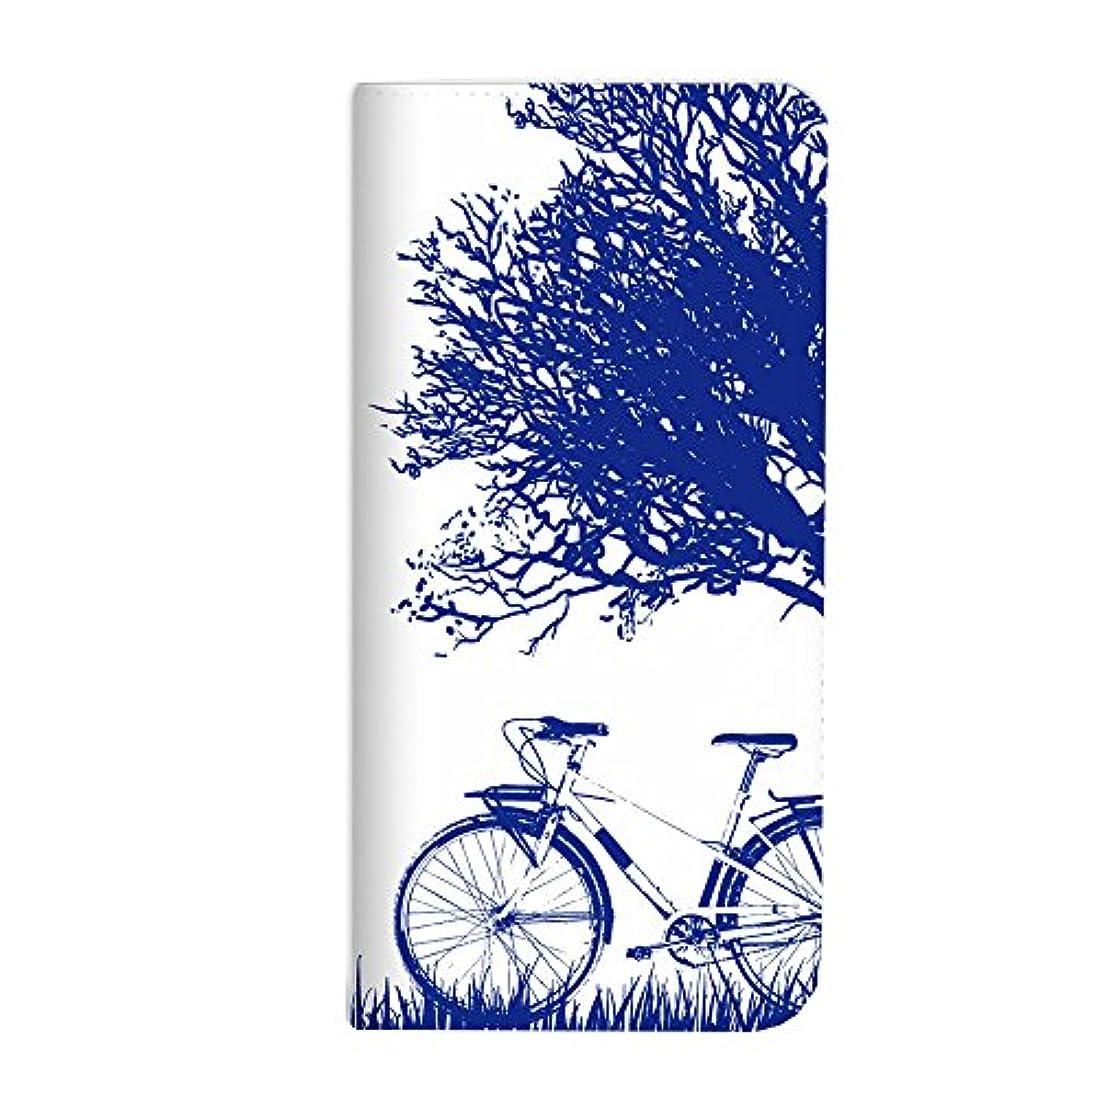 ほぼ思いつく許すmitas Galaxy S8 Plus SCV35 ケース 手帳型 ベルトなし 自転車 サイクリング ブルー (342) NB-0213-BU/SCV35